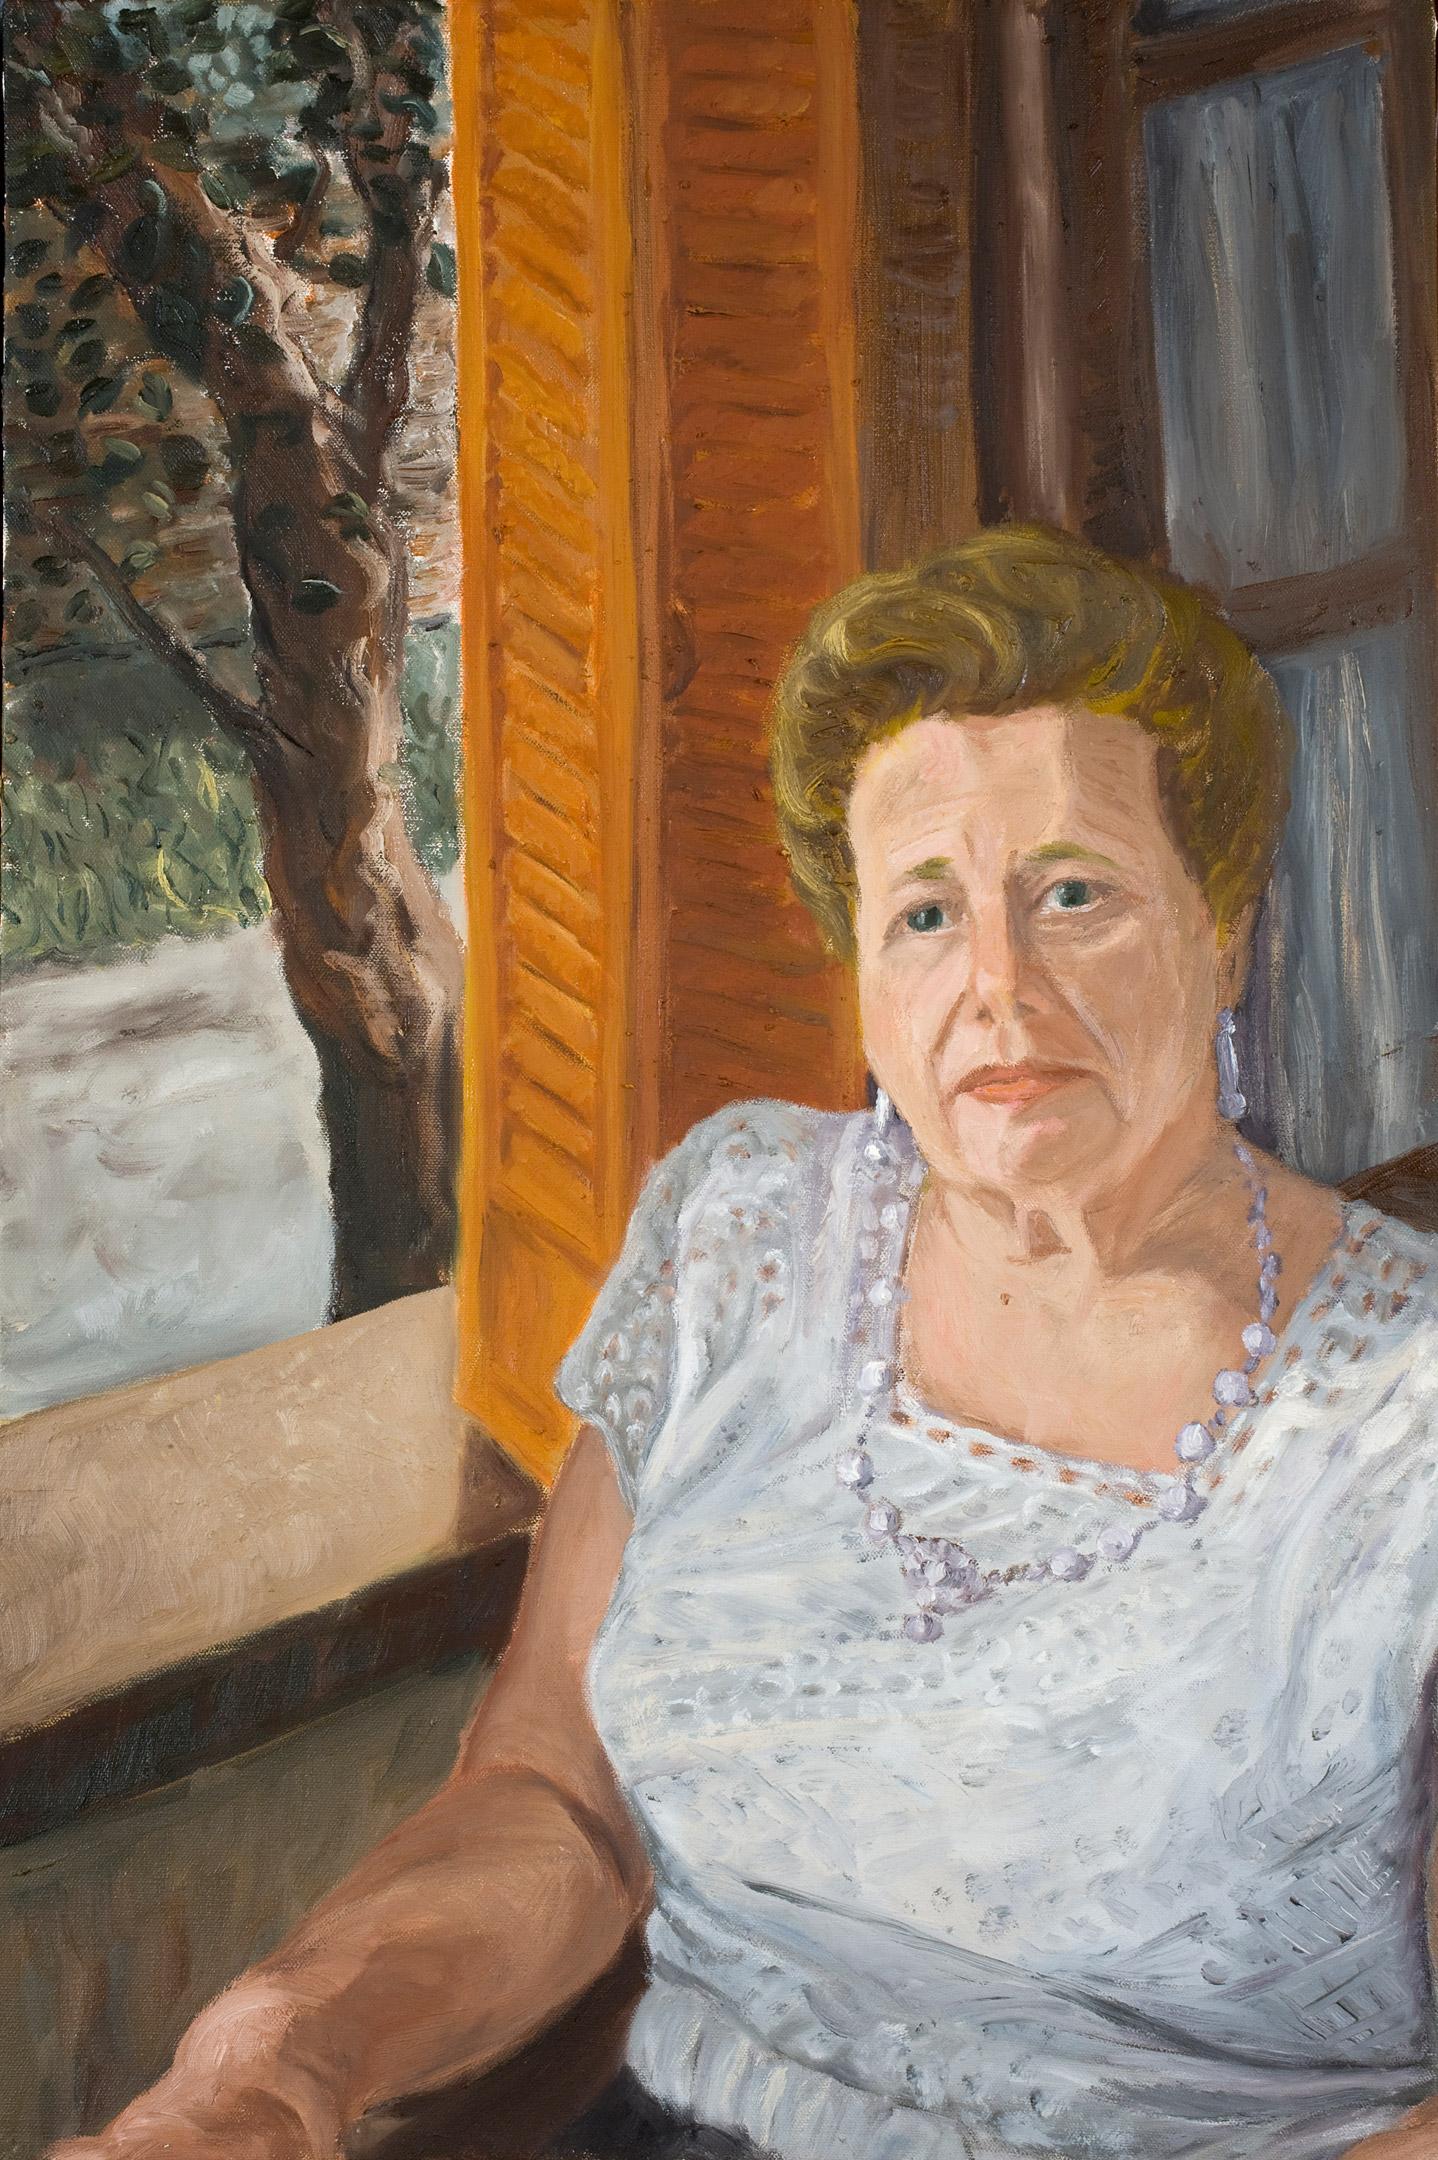 Aunt Julieta